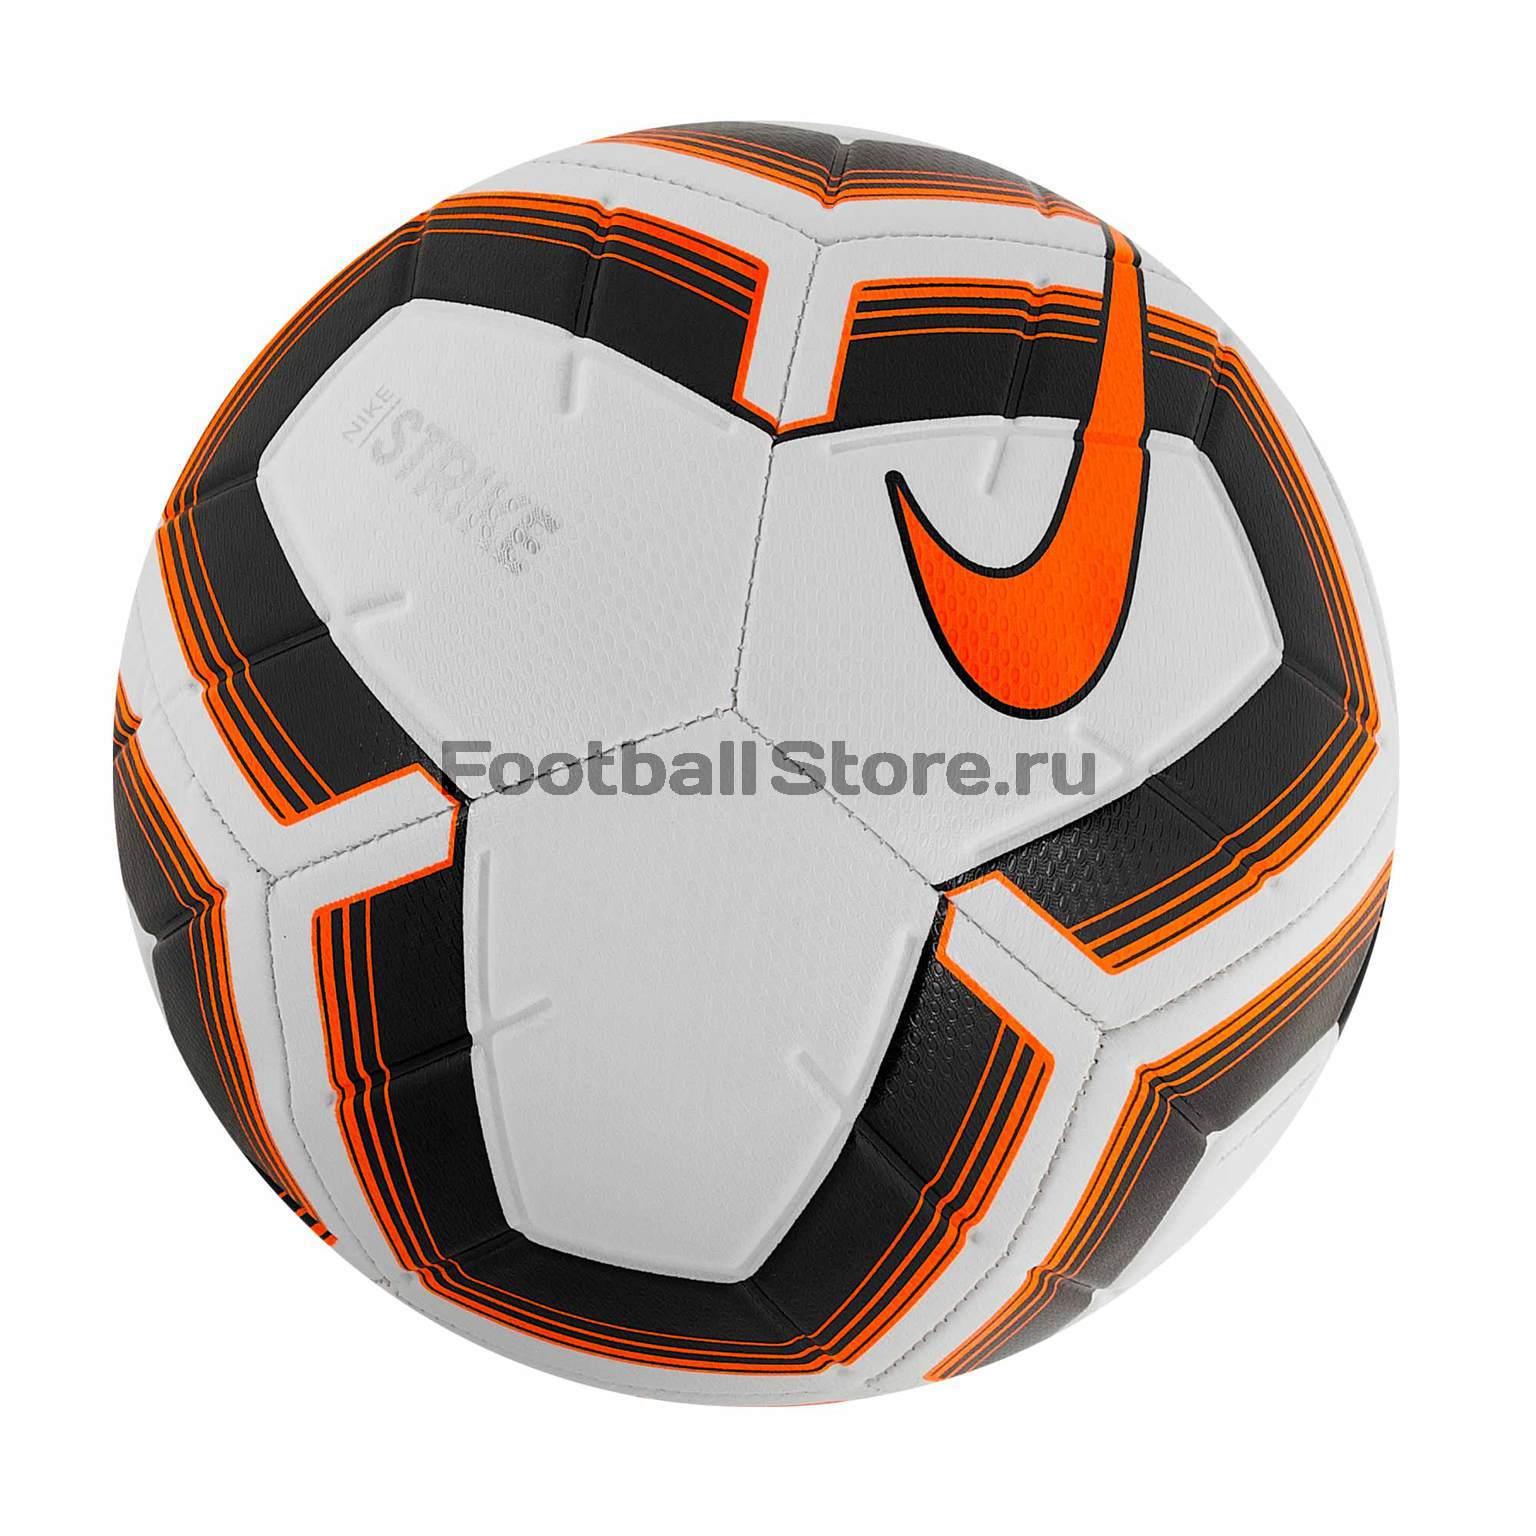 Футбольный мяч Nike Strike Team SC3535-101